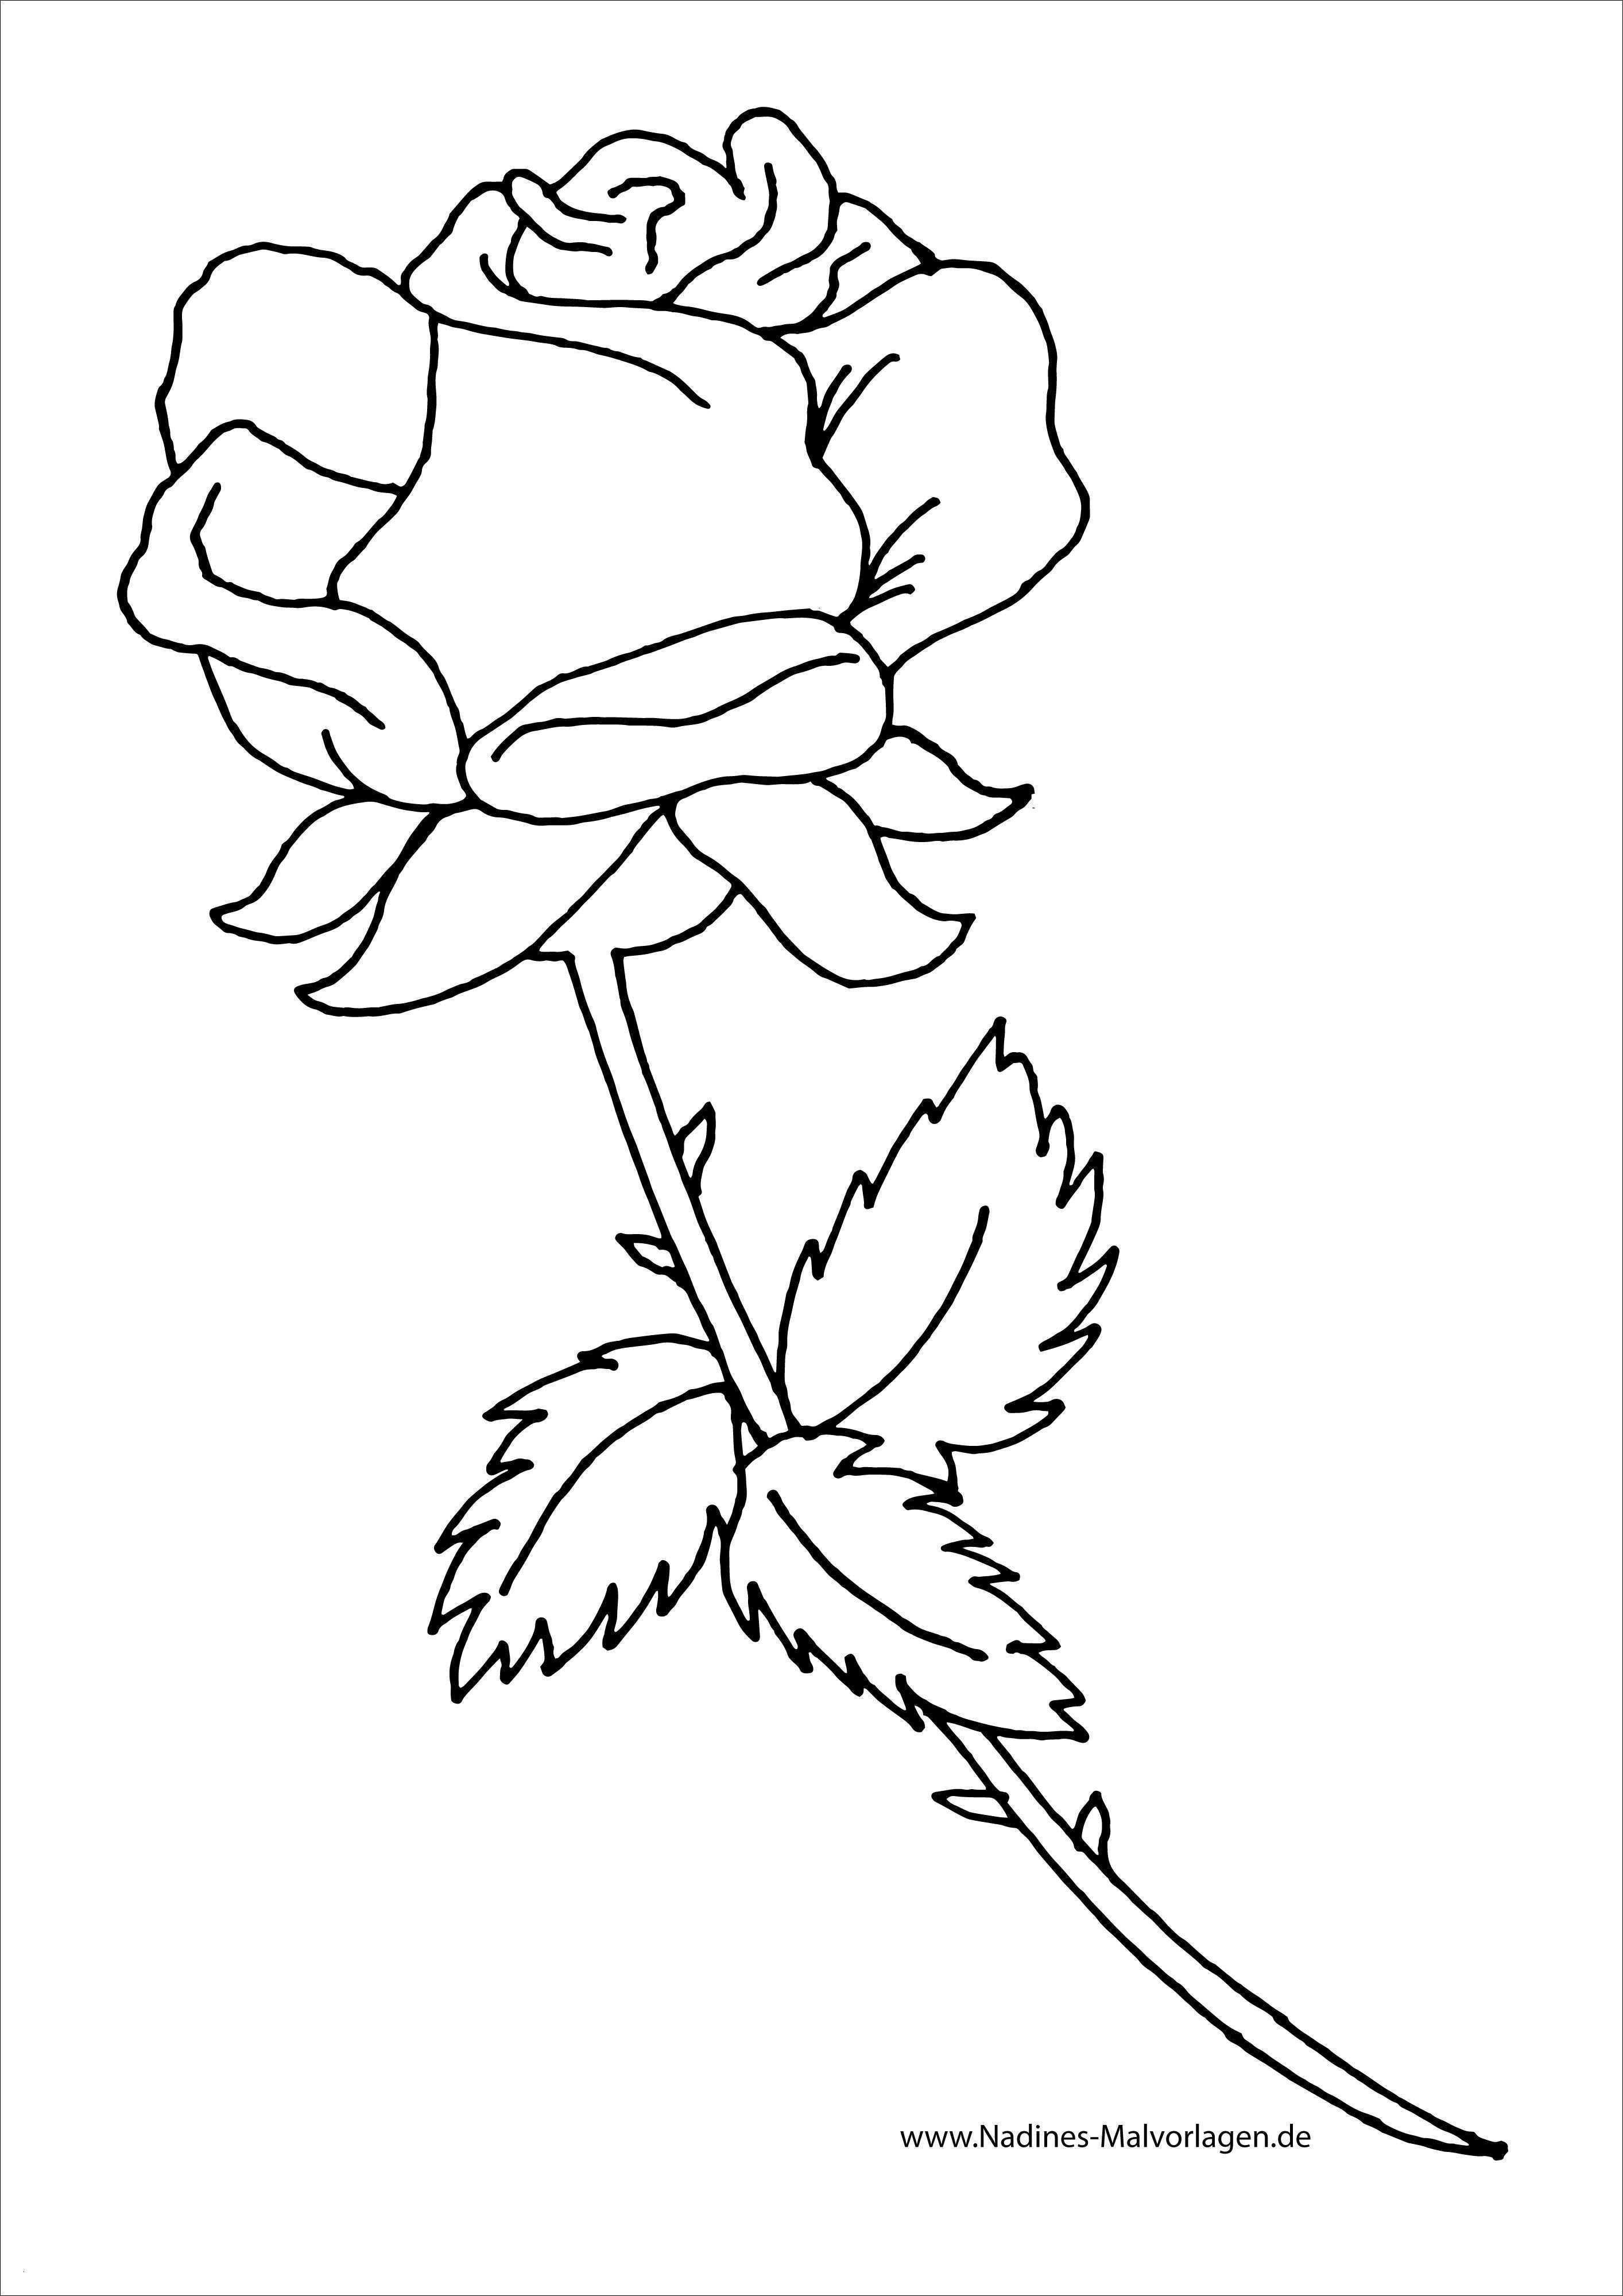 Rosen Mit Herzen Ausmalbilder Genial Rose Herz Malvorlage Bild Rosen Mit Herzen Ausmalbilder Schön Neues Galerie